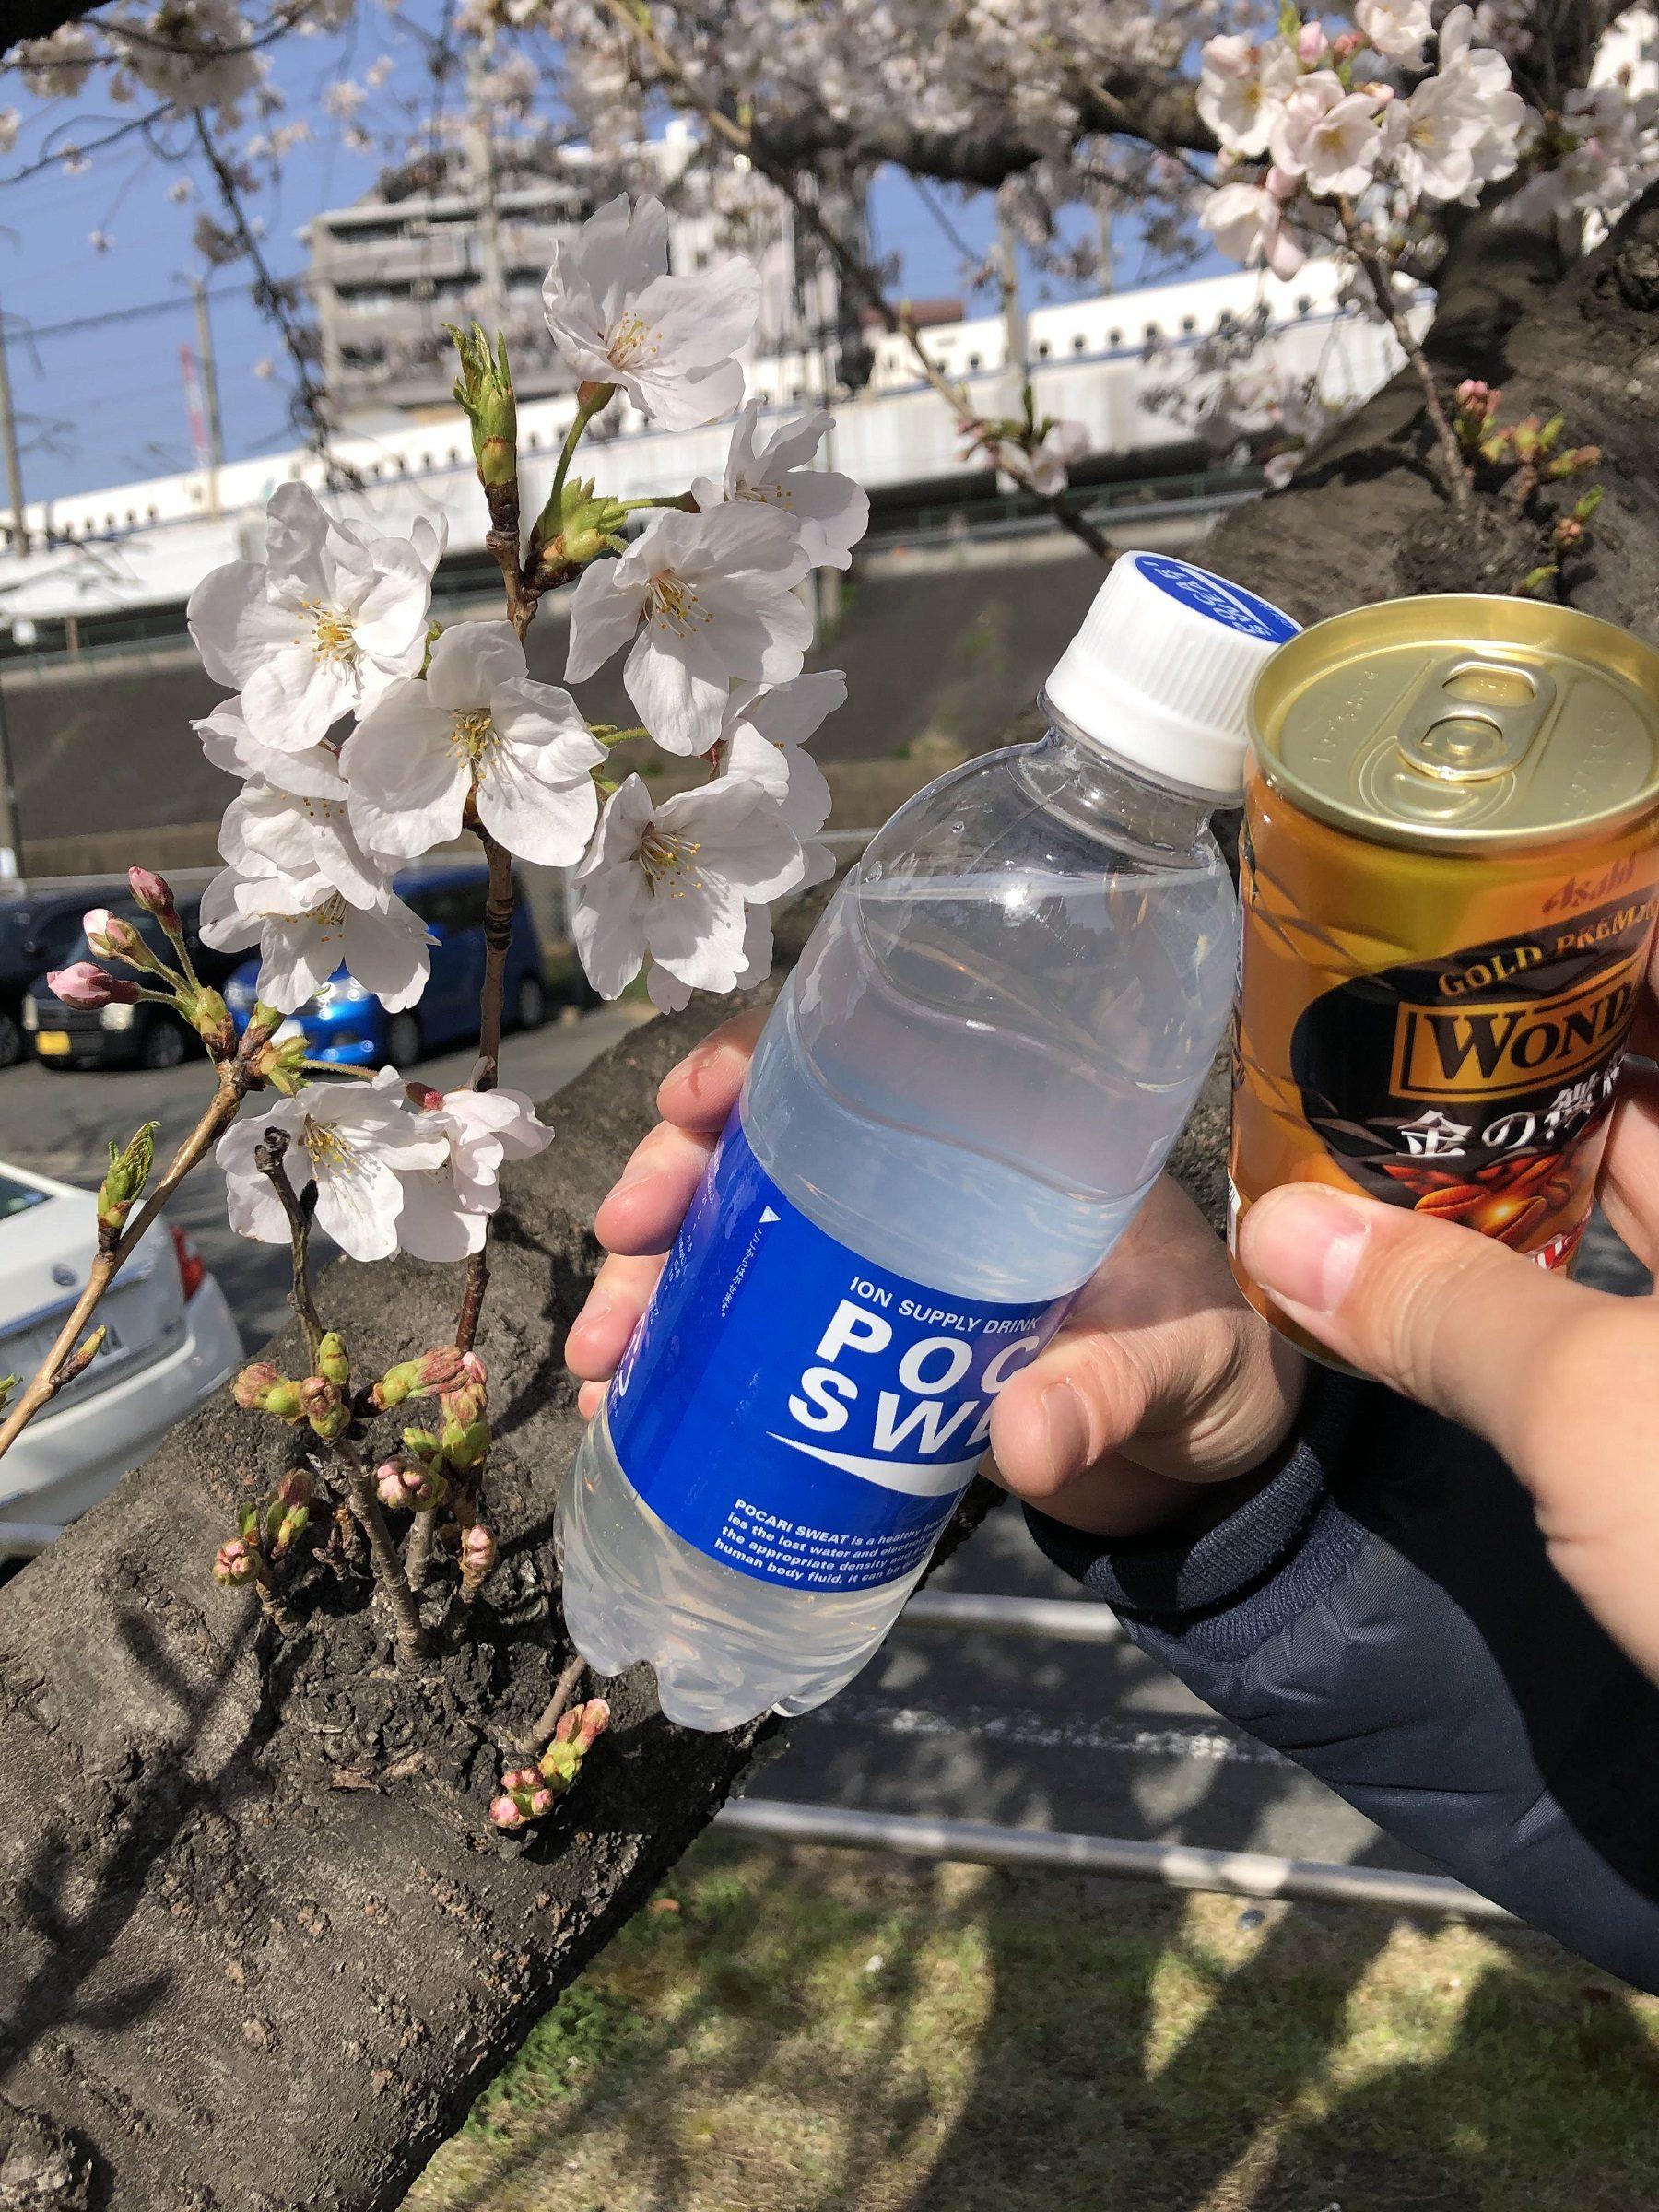 ATU 福岡 警備 サクラ 乾杯